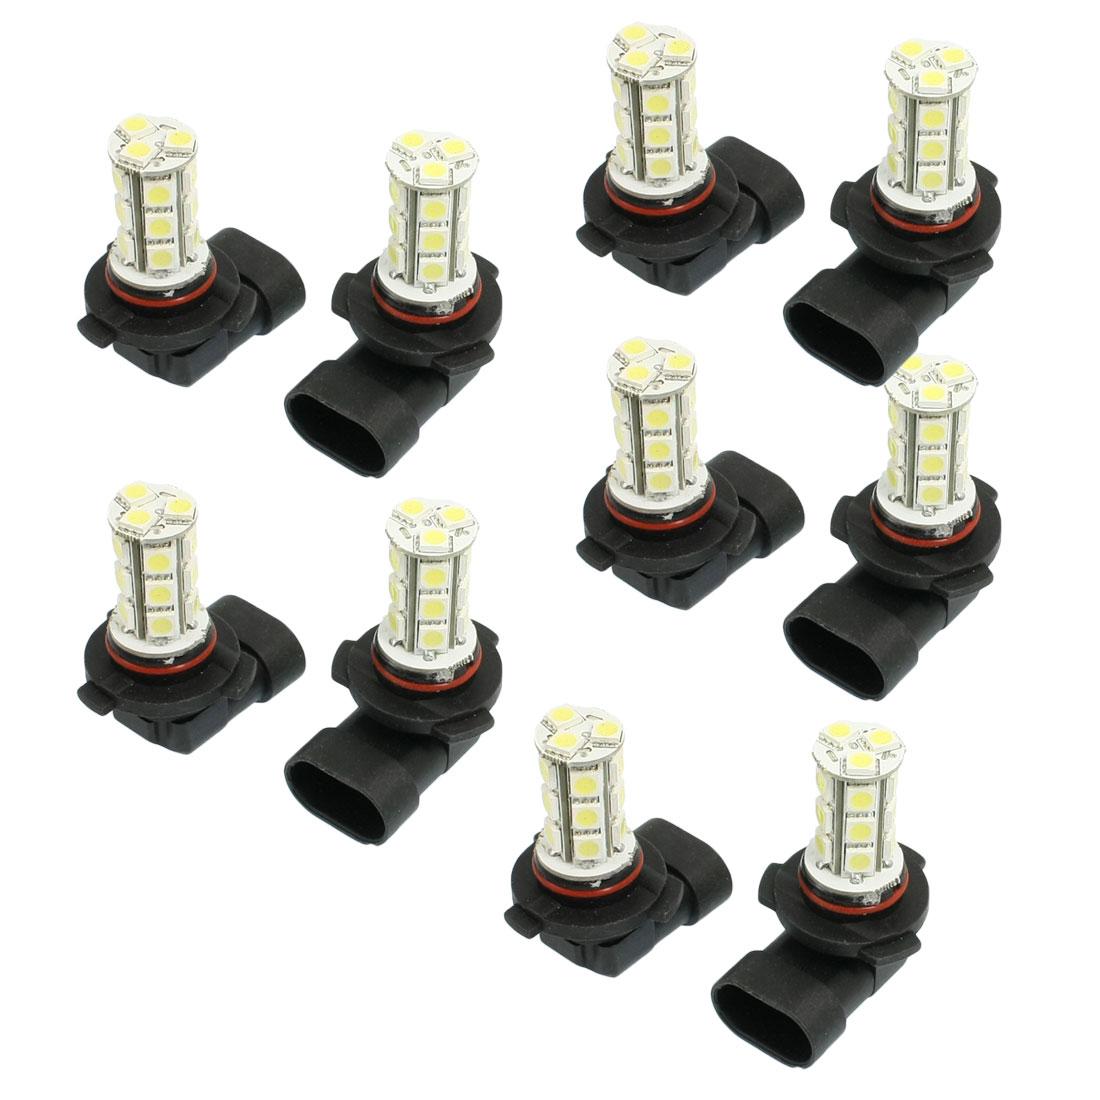 10 x Car 18 LED 5050 SMD HB3 9005 White DRL Fog Light Lamp Bulb 12V